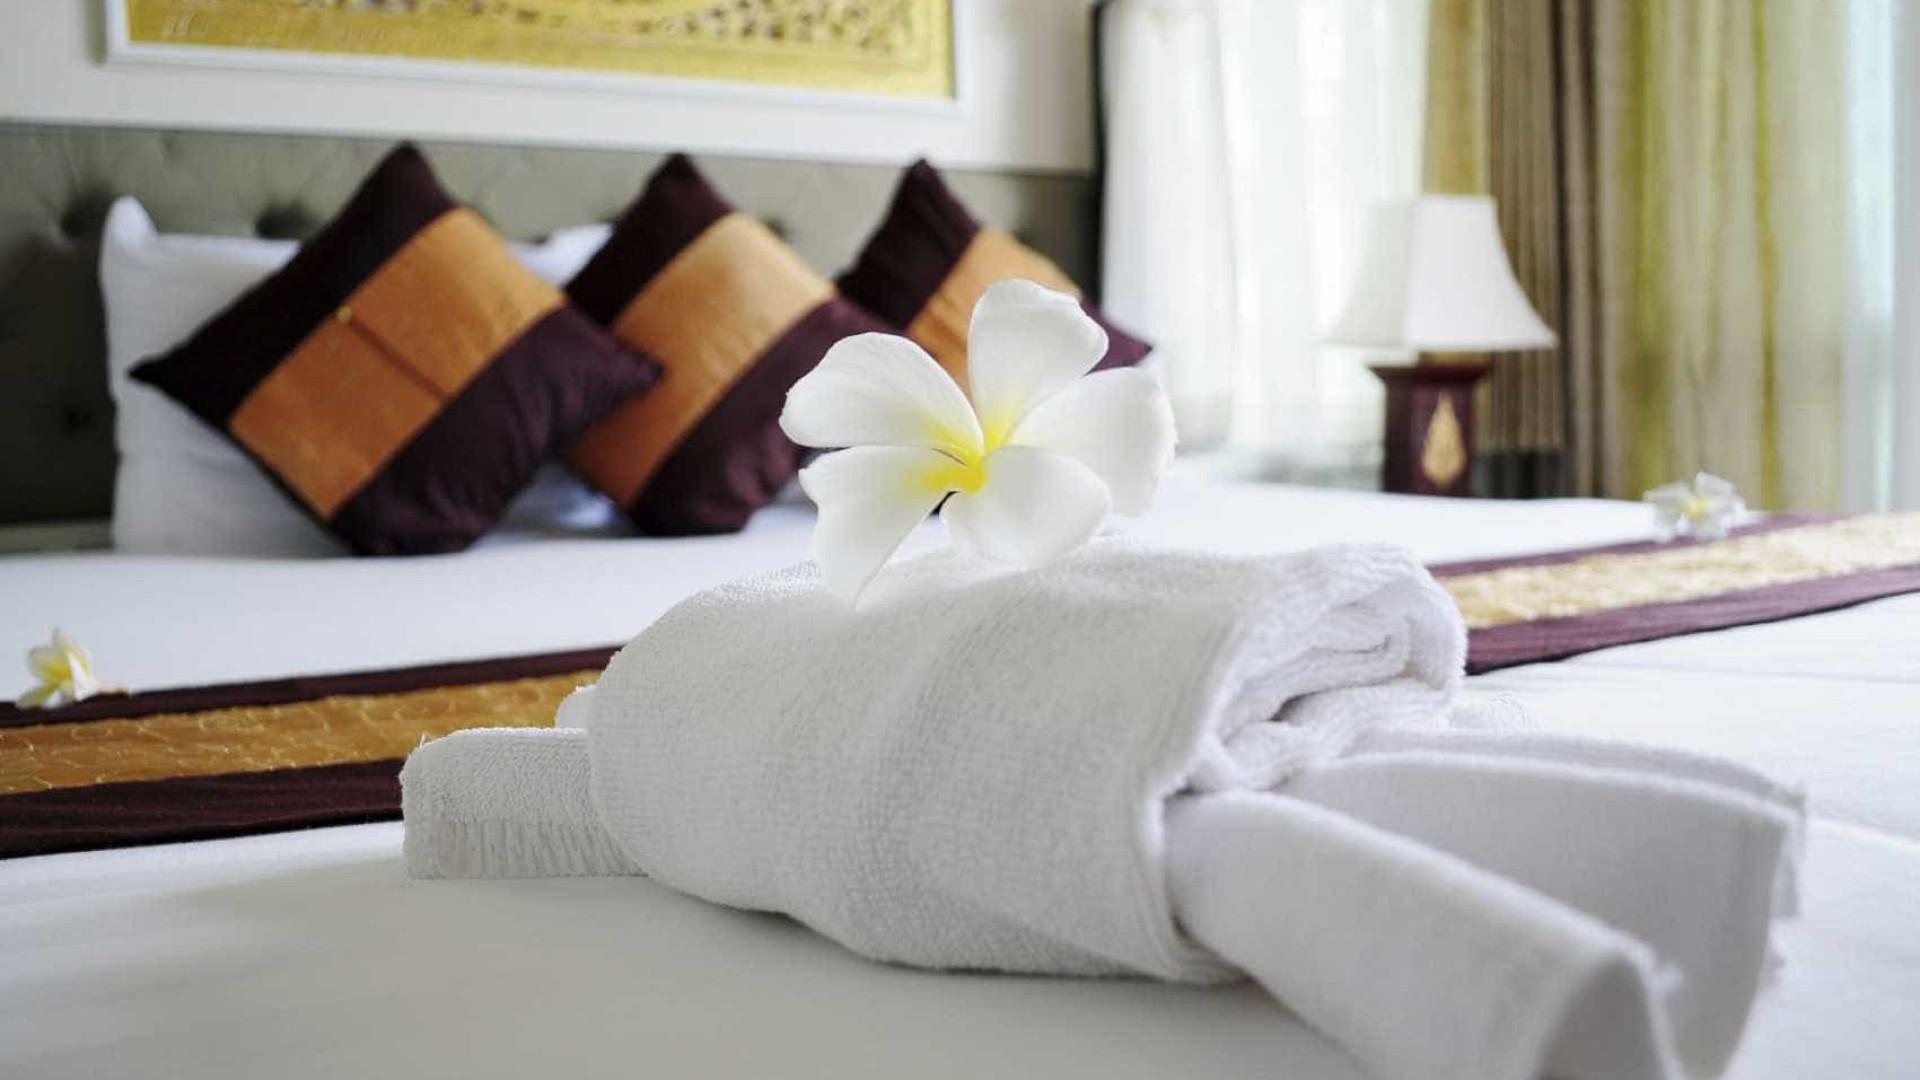 Crescimento na hotelaria mantém desaceleração em agosto